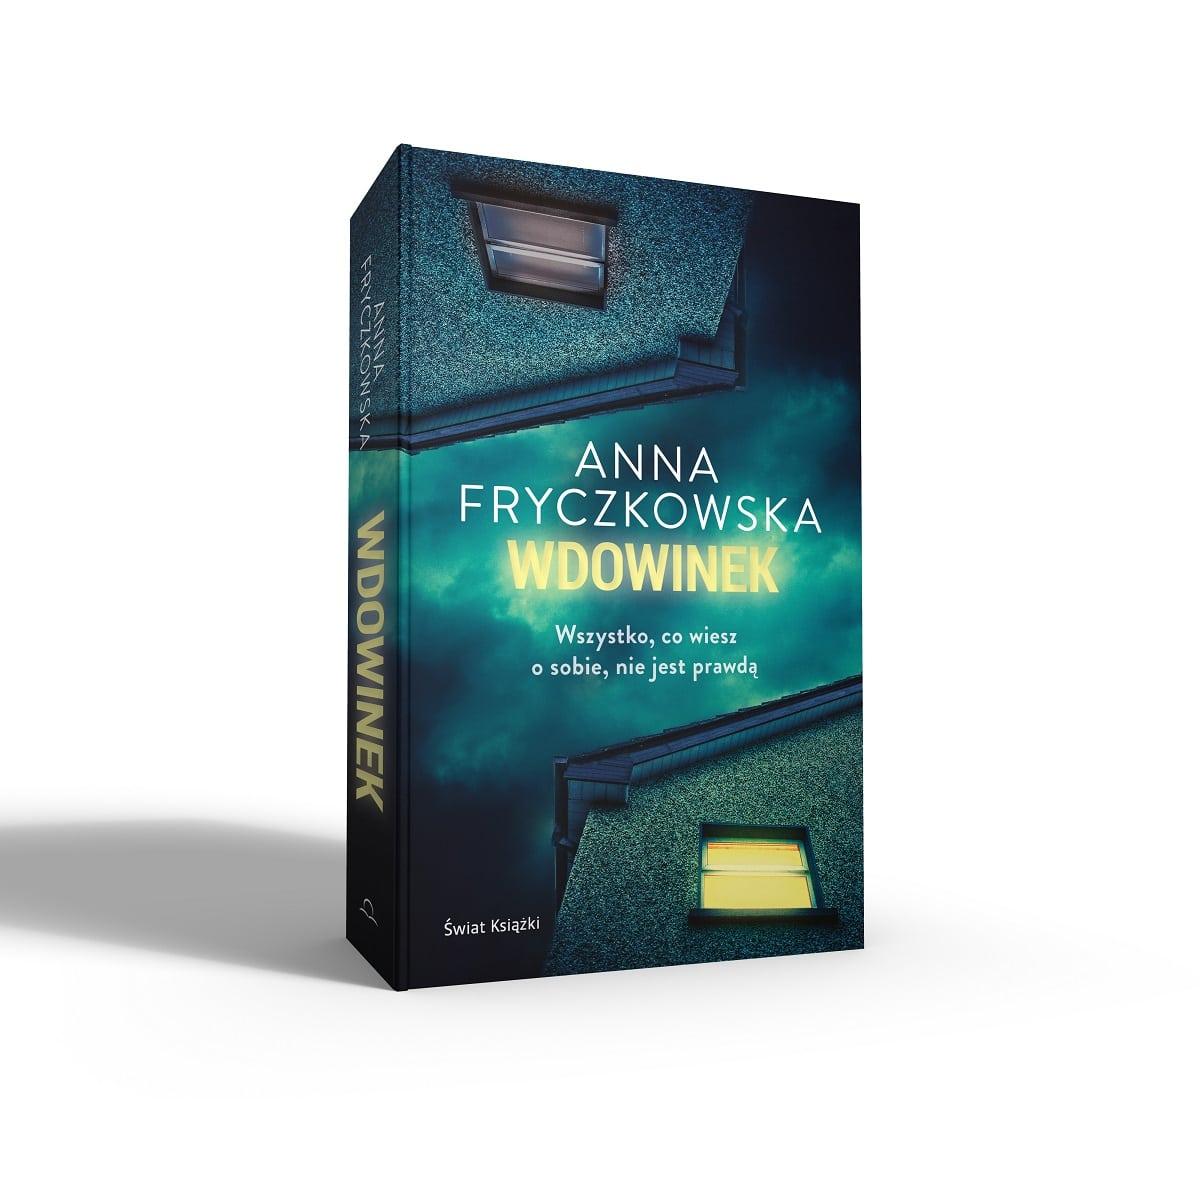 Wdowinek Anna Fryczkowska